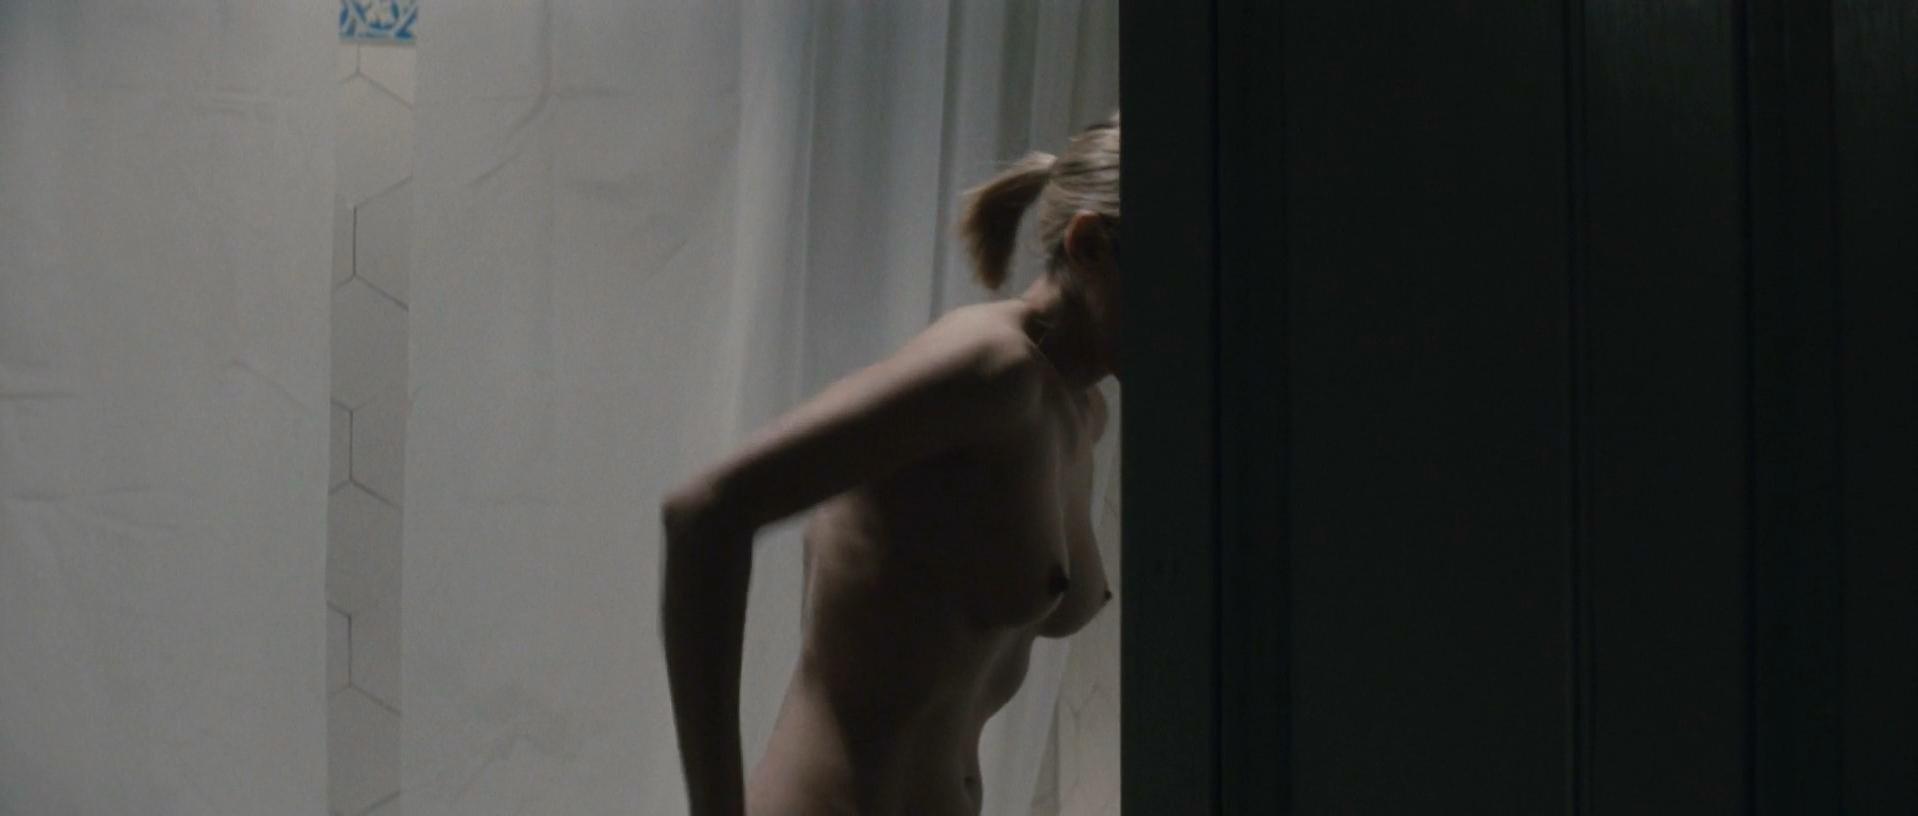 Lena headey nackt